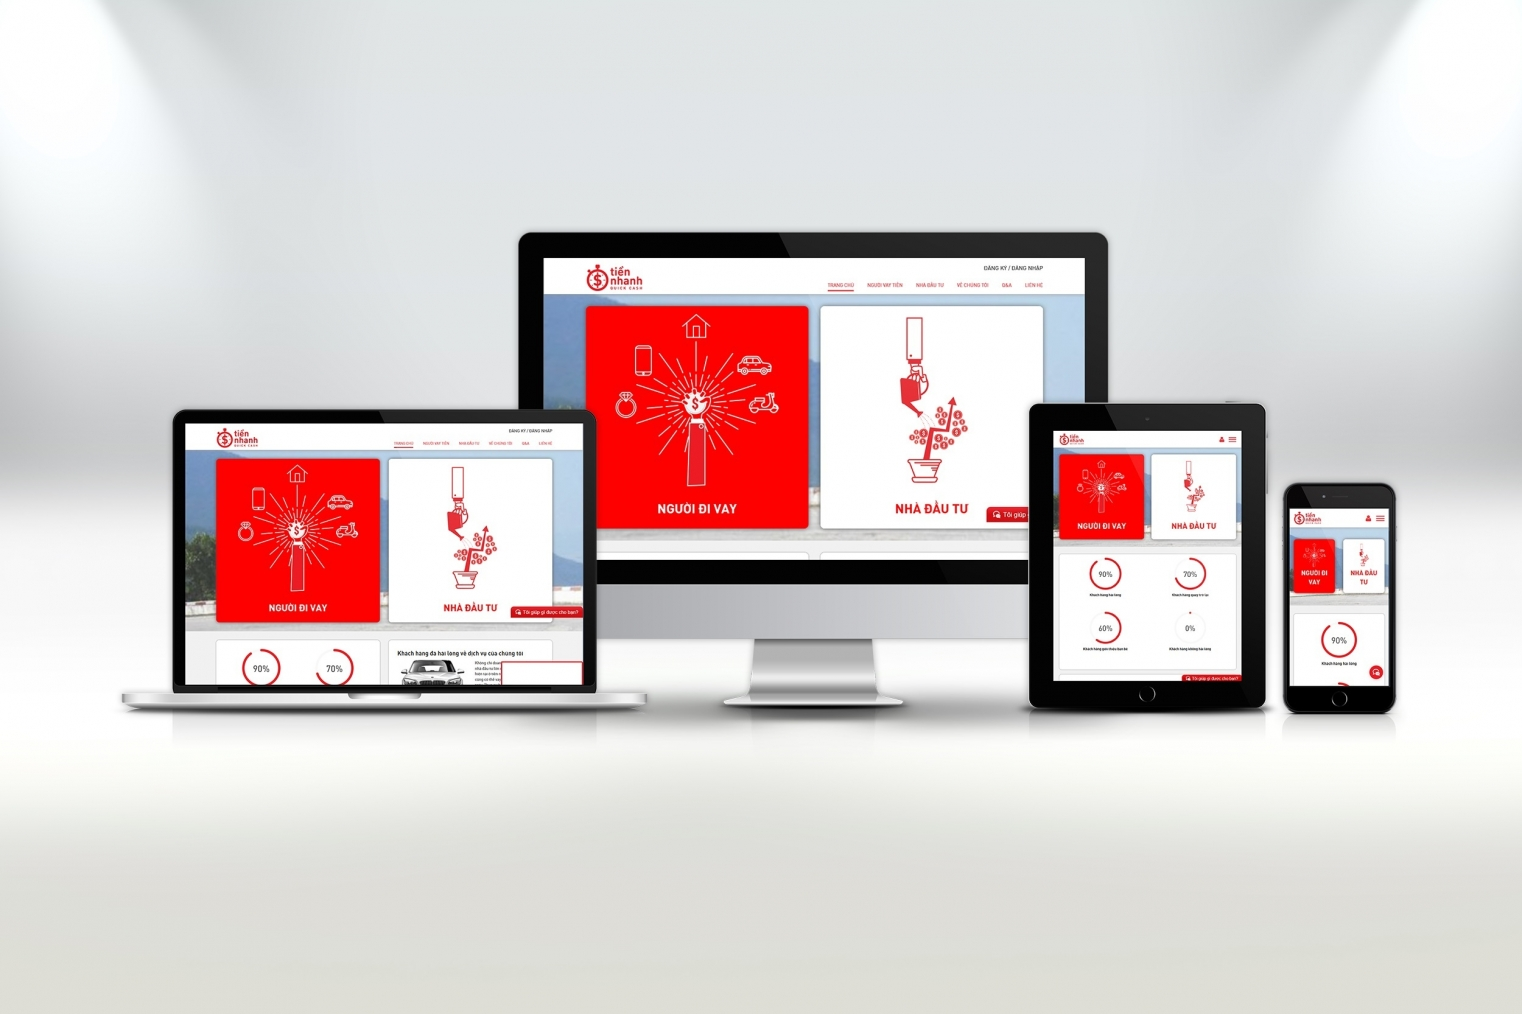 Thiết kế web ứng dụng